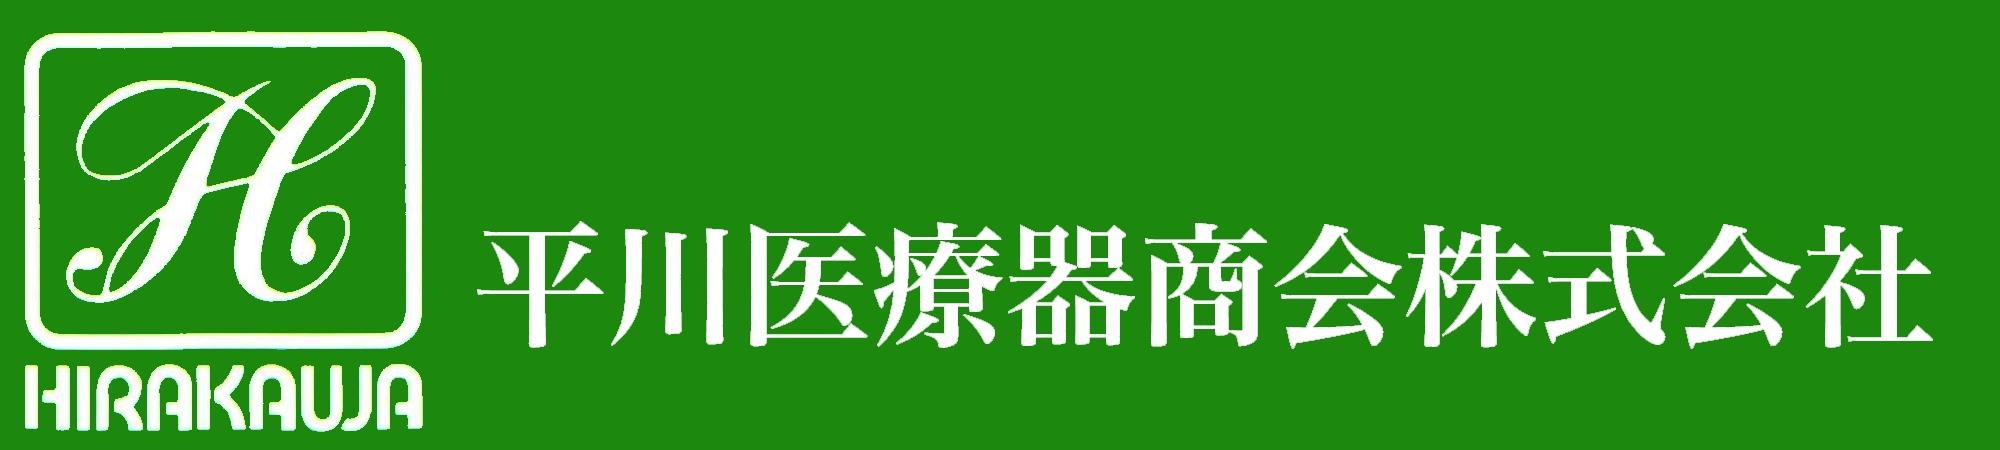 平川医療器商会株式会社